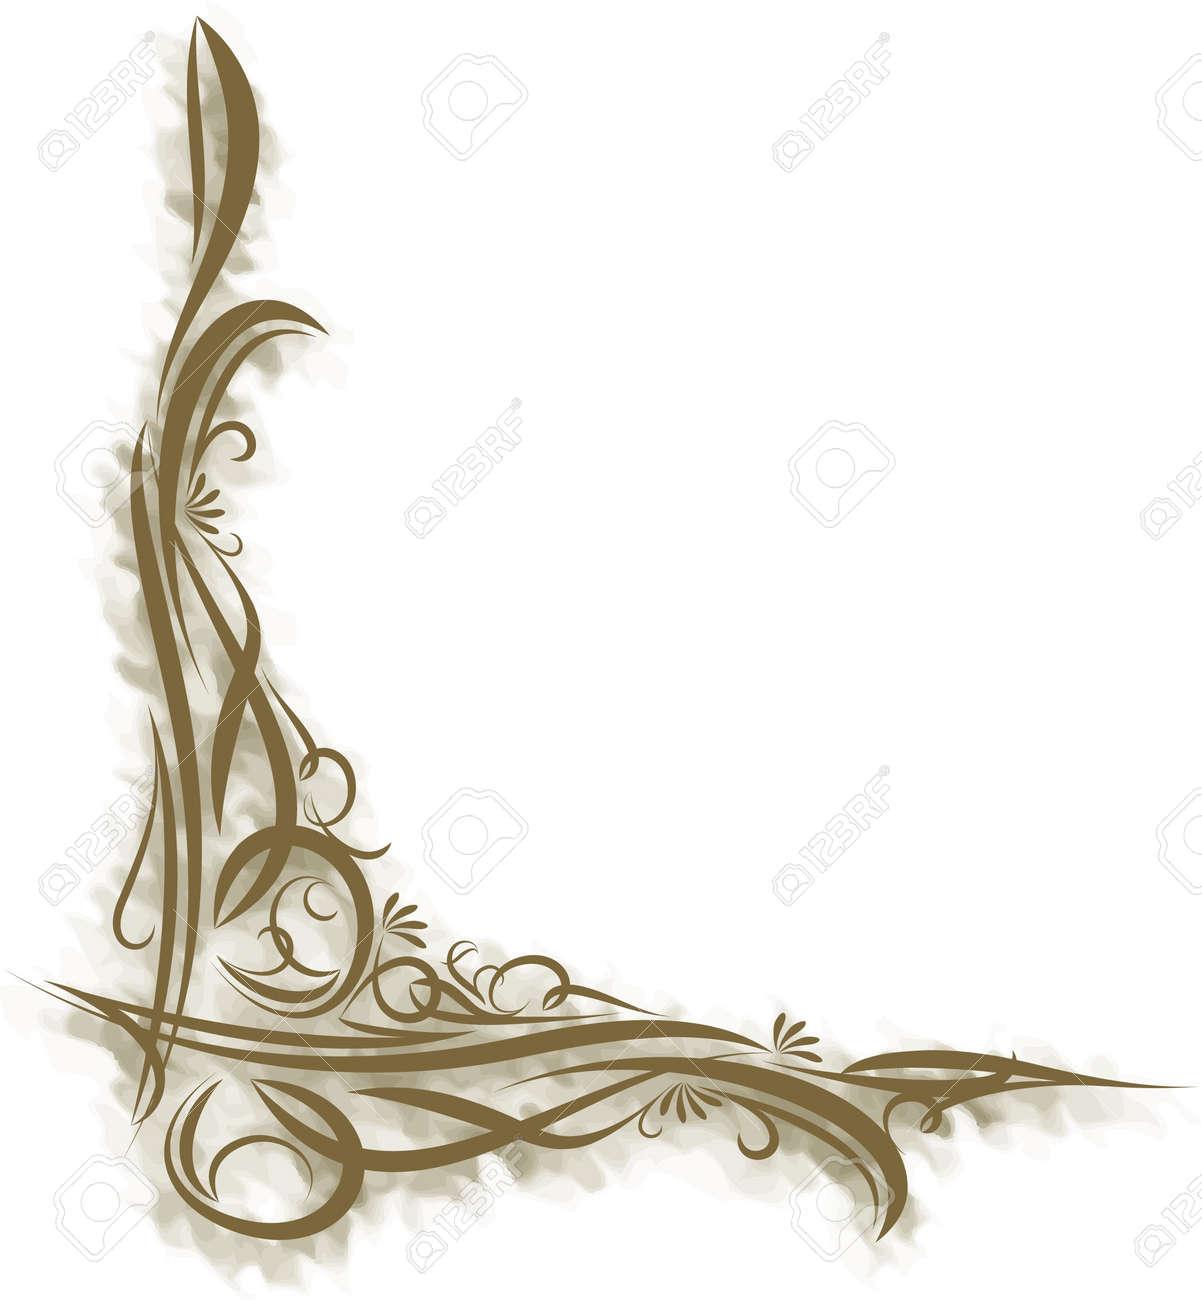 Decorative branch on grunge background - 9930171